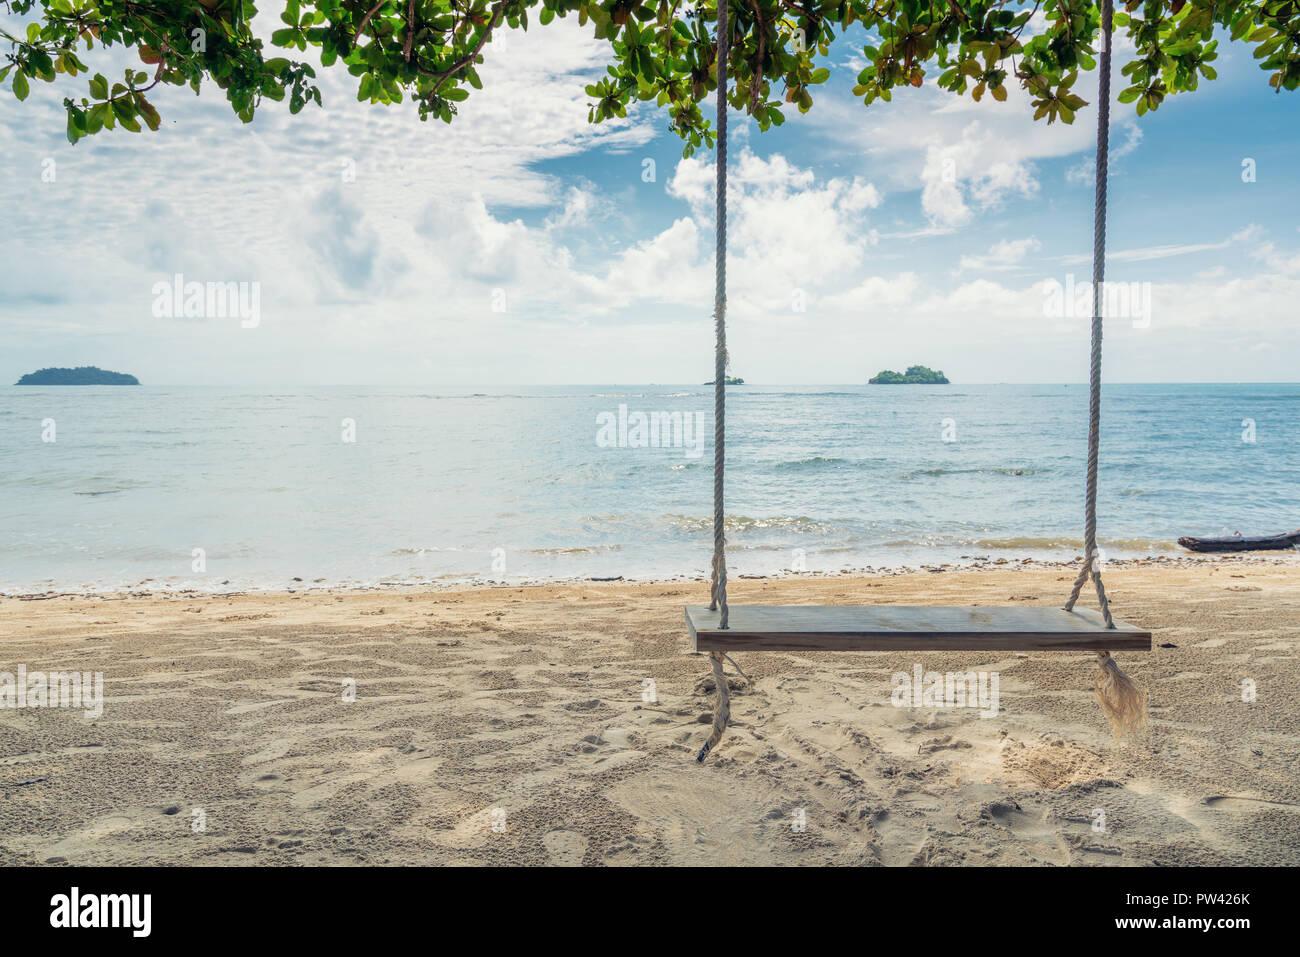 Mecedora de madera colgando de los árboles cerca de la playa en la isla de Phuket, Tailandia. Vacaciones de Verano en concepto de viaje y vacaciones. Imagen De Stock